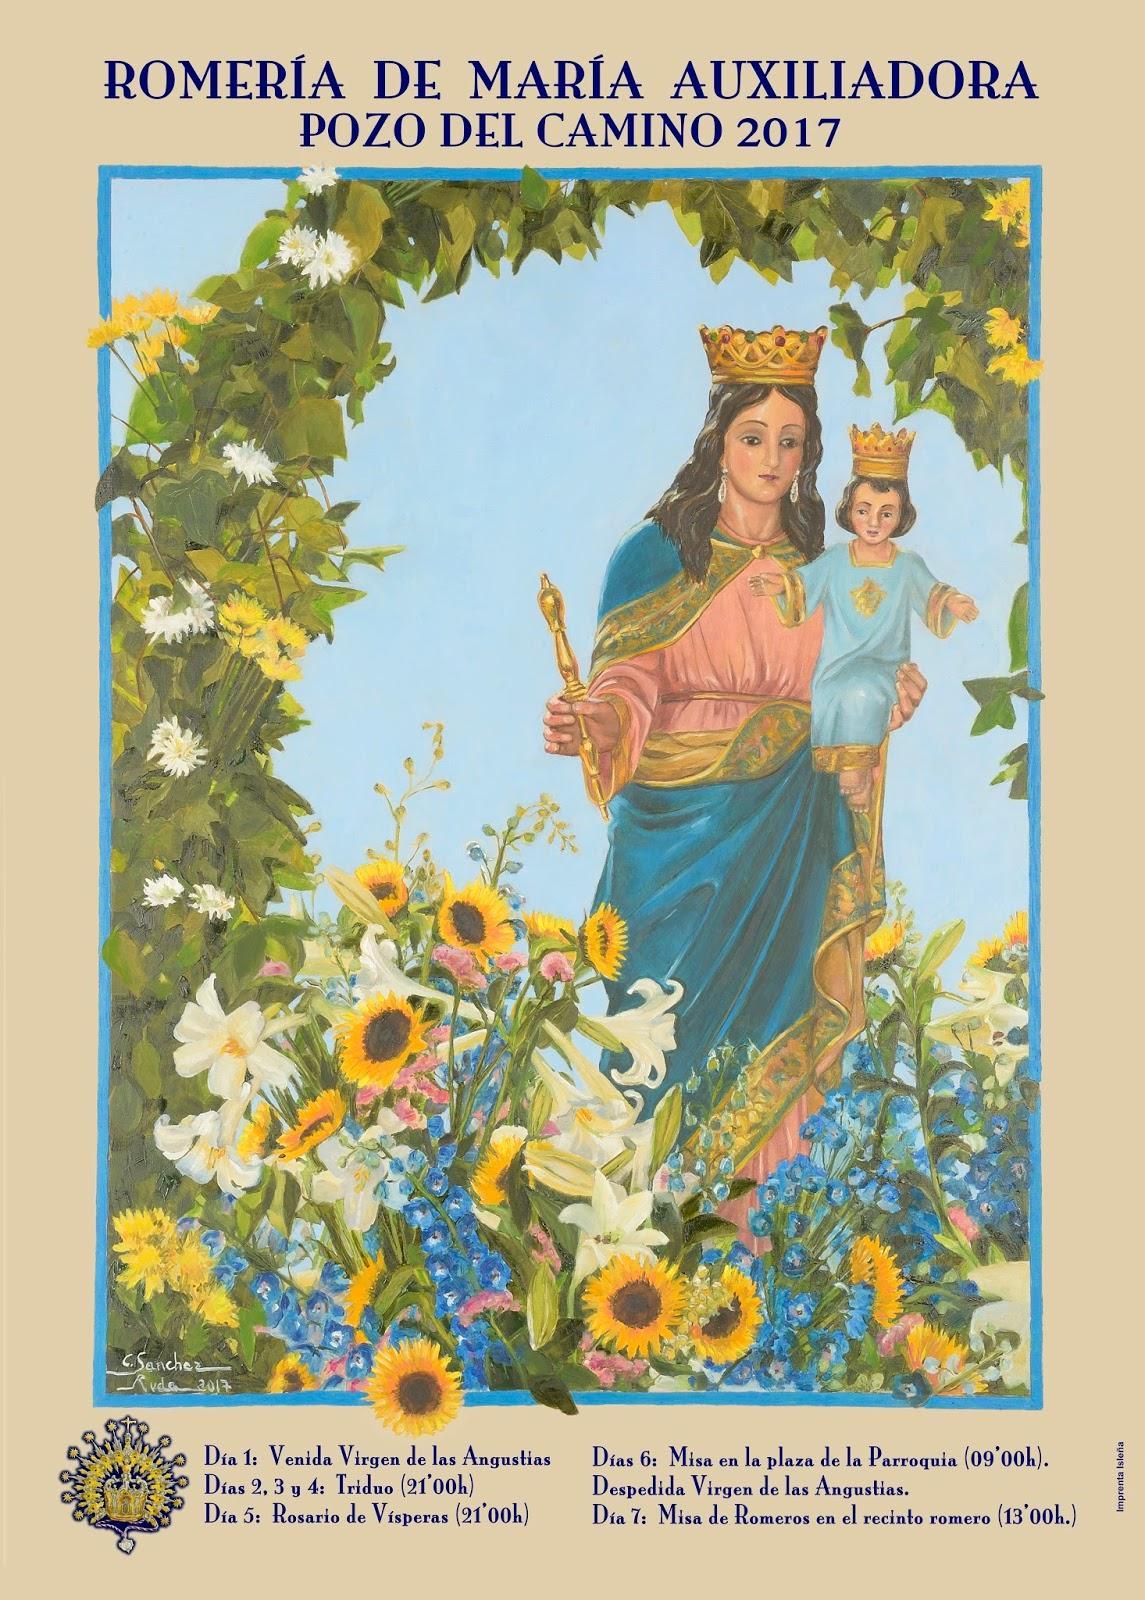 Romería en honor a la Virgen de María Auxiliadora de Pozo del Camino 2017